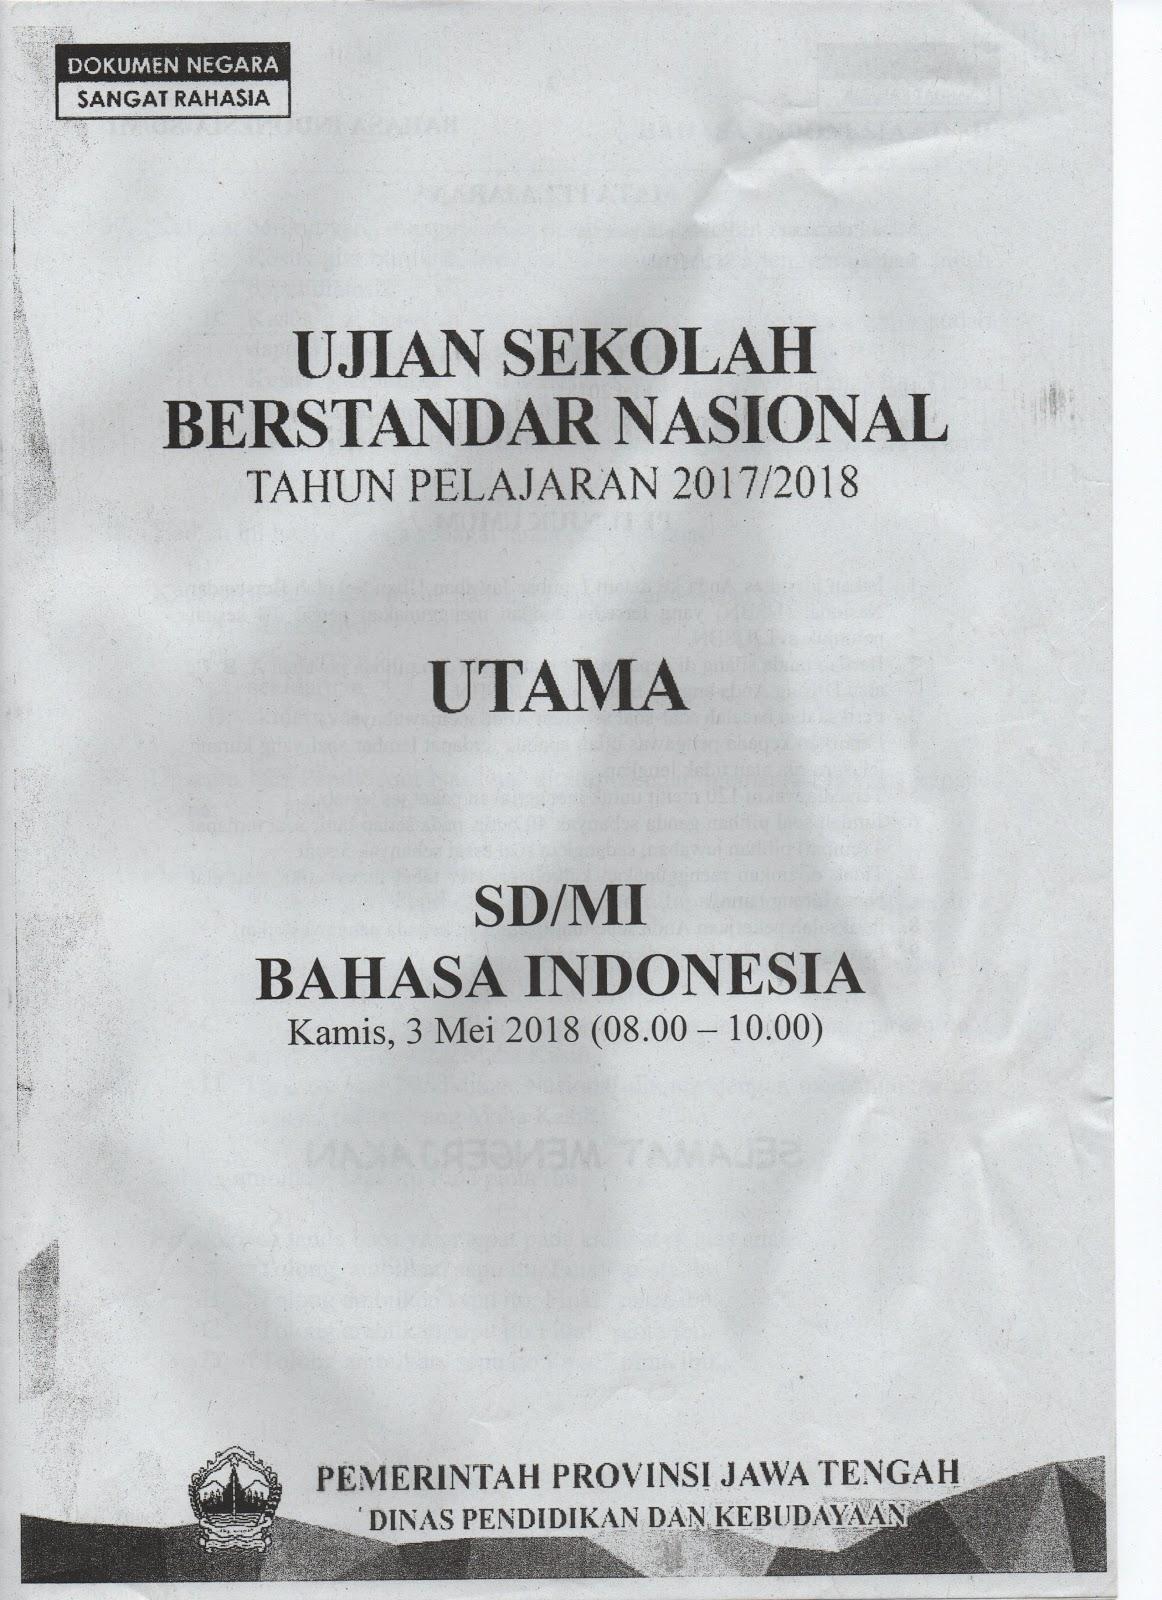 SOAL USBN BAHASA INDONESIA TAHUN PELAJARAN 2017/2018